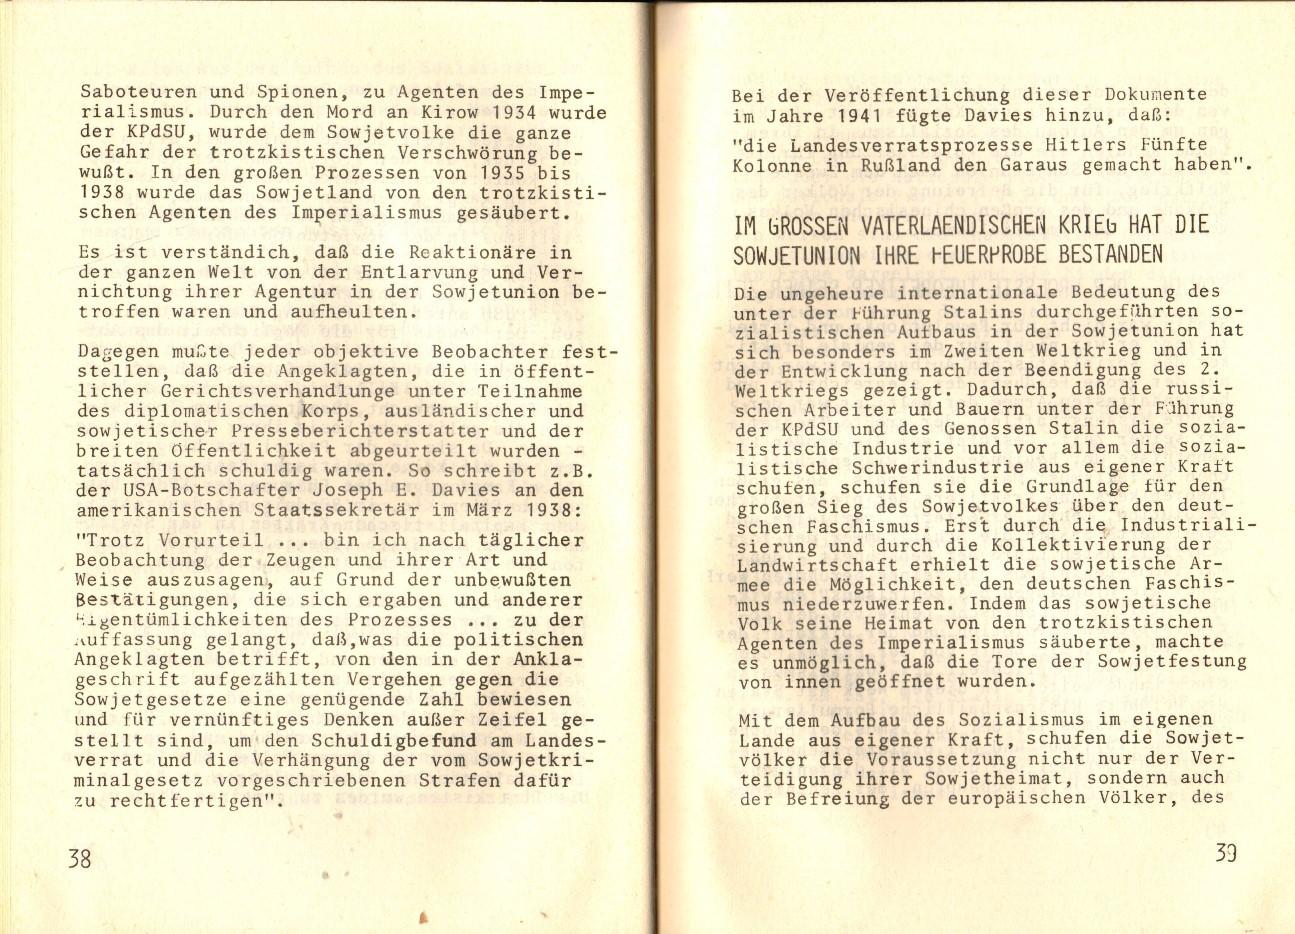 ZB_1971_Ueber_Stalin_23